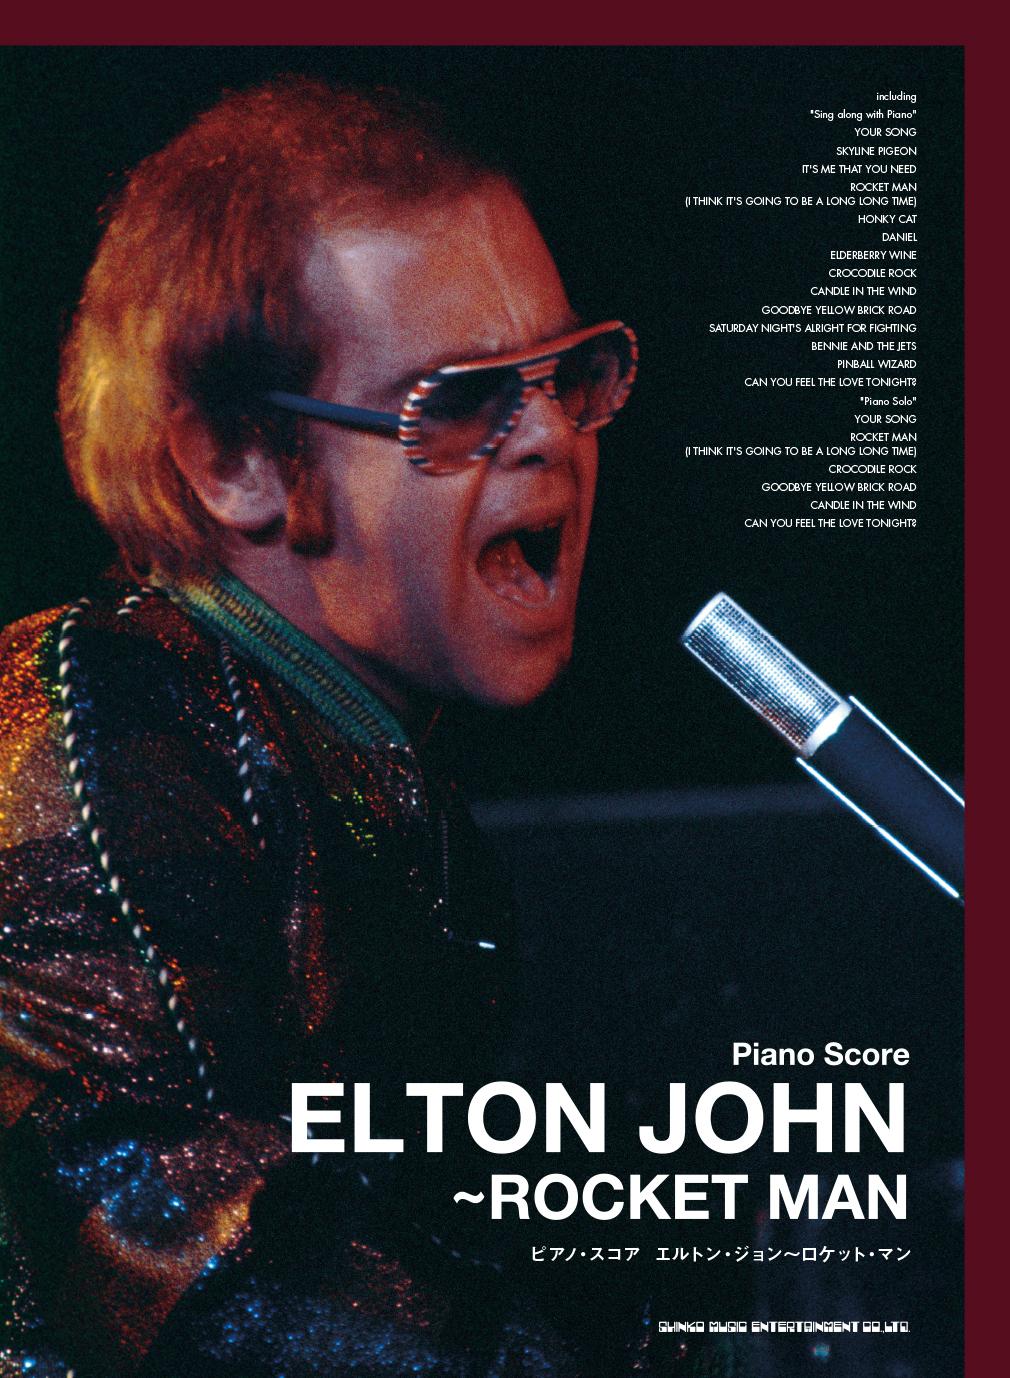 エルトン・ジョンの半生を描いた映画『ロケットマン』の公開に合わせて、70年代の名曲を中心としたピアノ曲集が発売